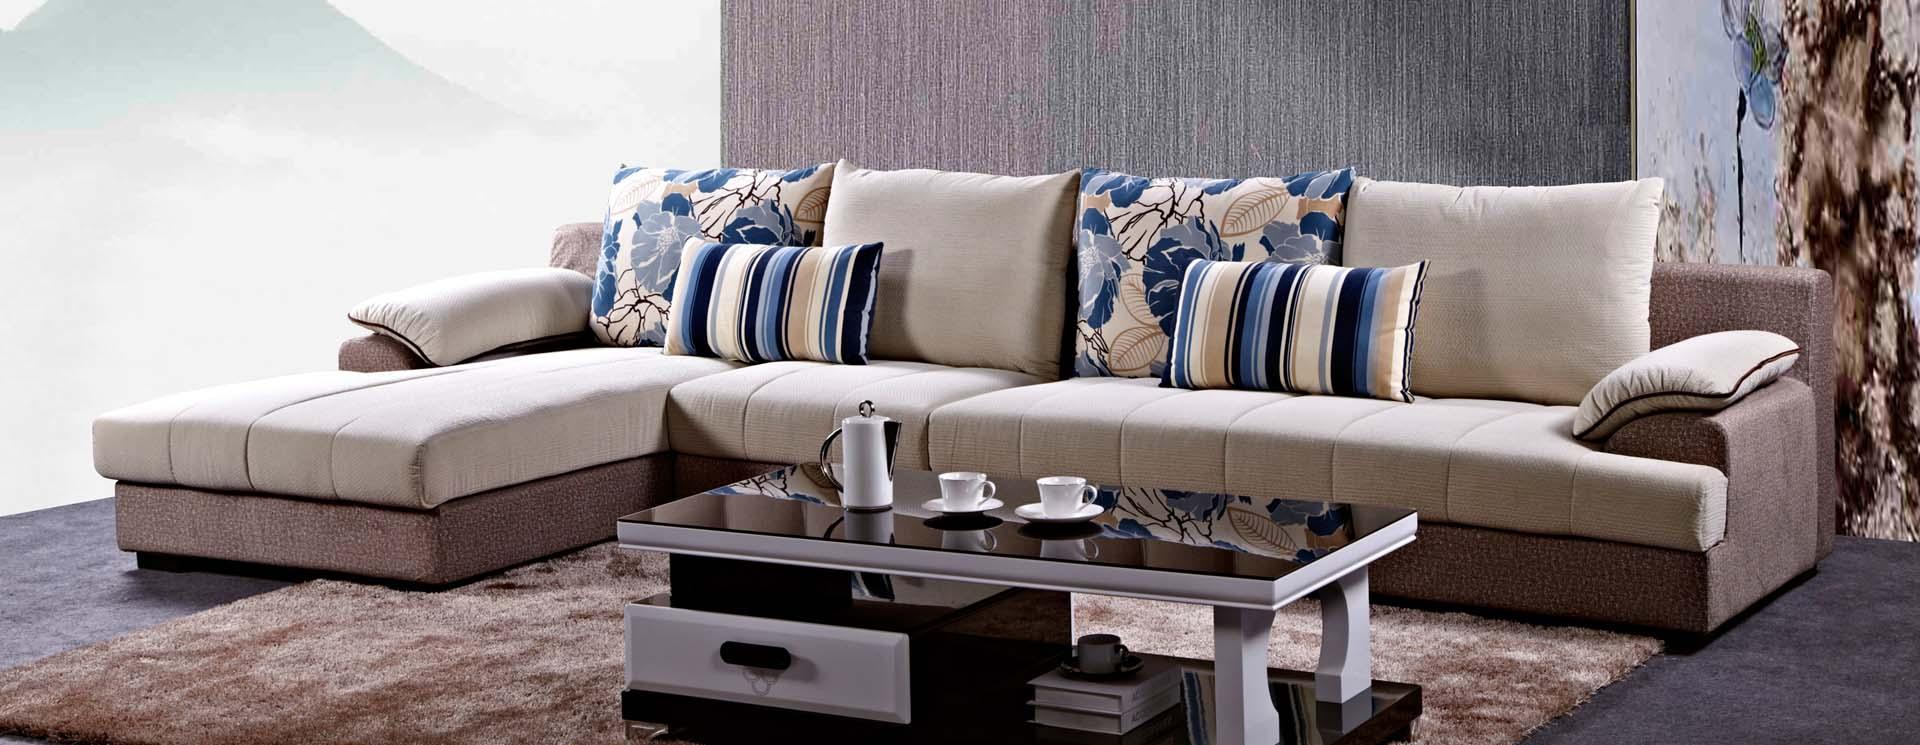 名称:沙发SF306#A<br/> 市场价:<font style='color:#999;text-decoration:line-through;'>¥0</font><br />全国统一零售价:<font color='Red'>¥0.0</font>